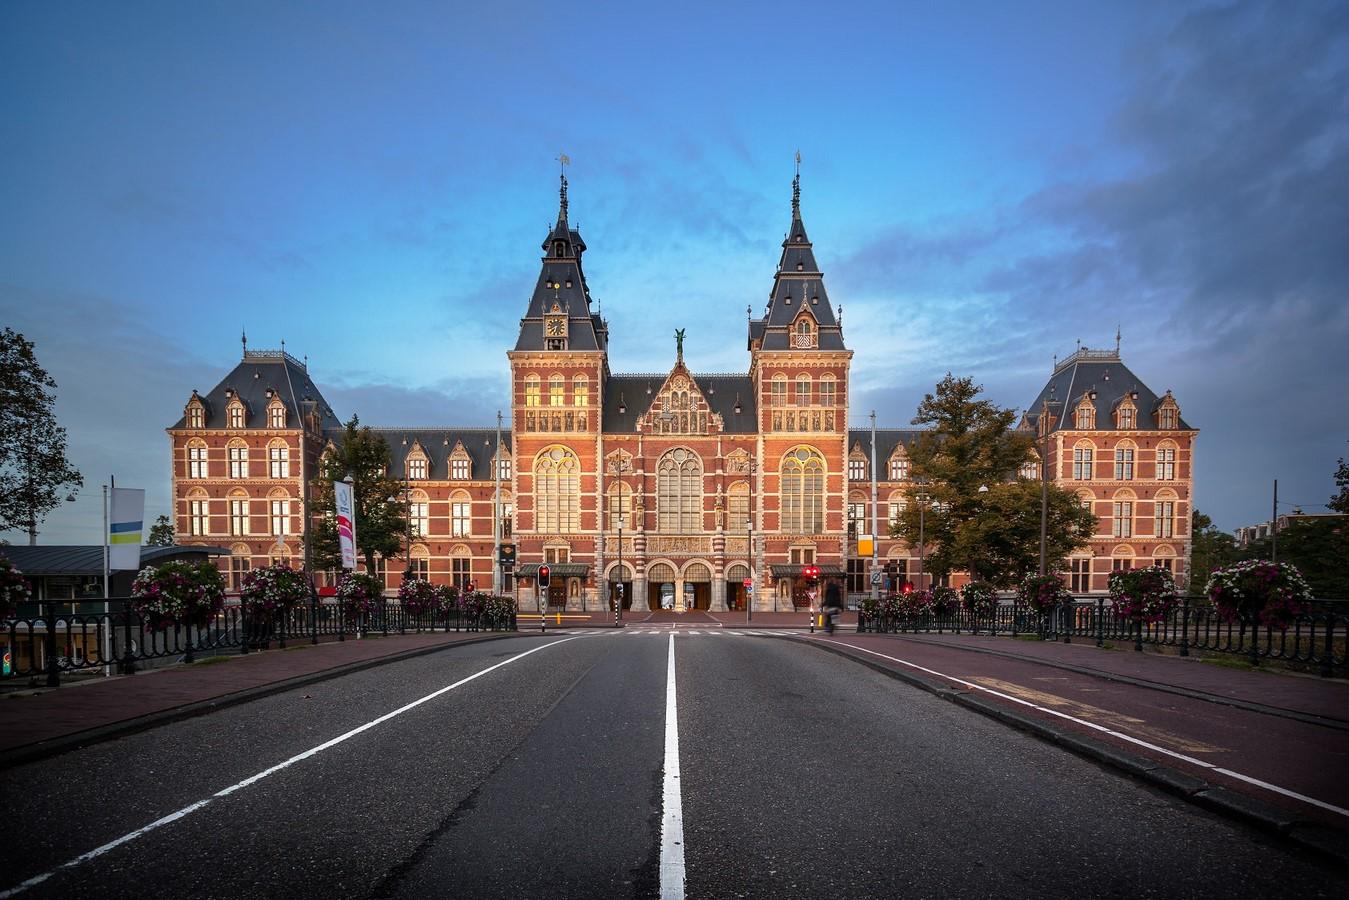 Rijksmuseum - Sheet1